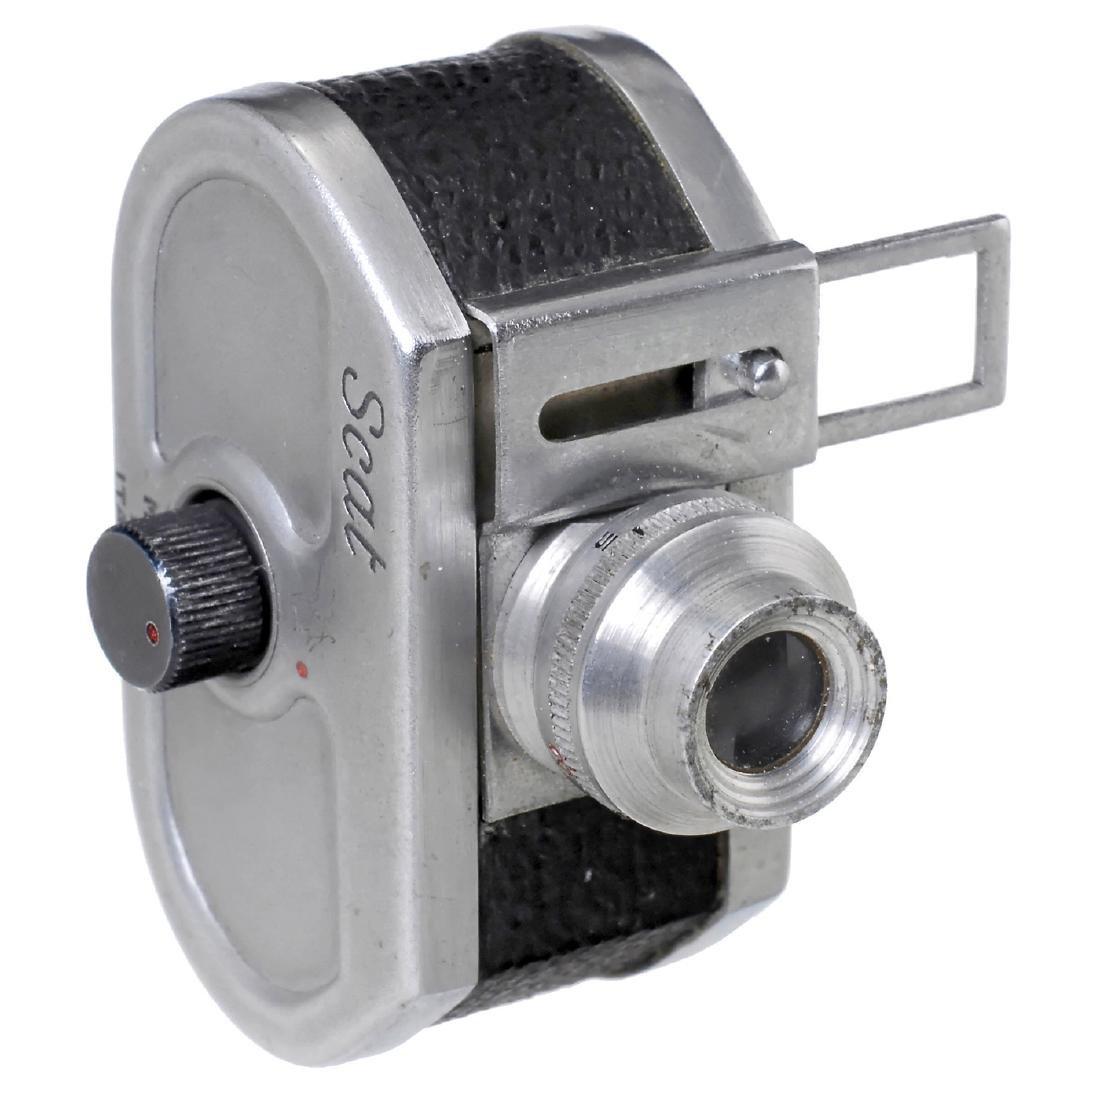 Subminiature Camera Scat, 1947